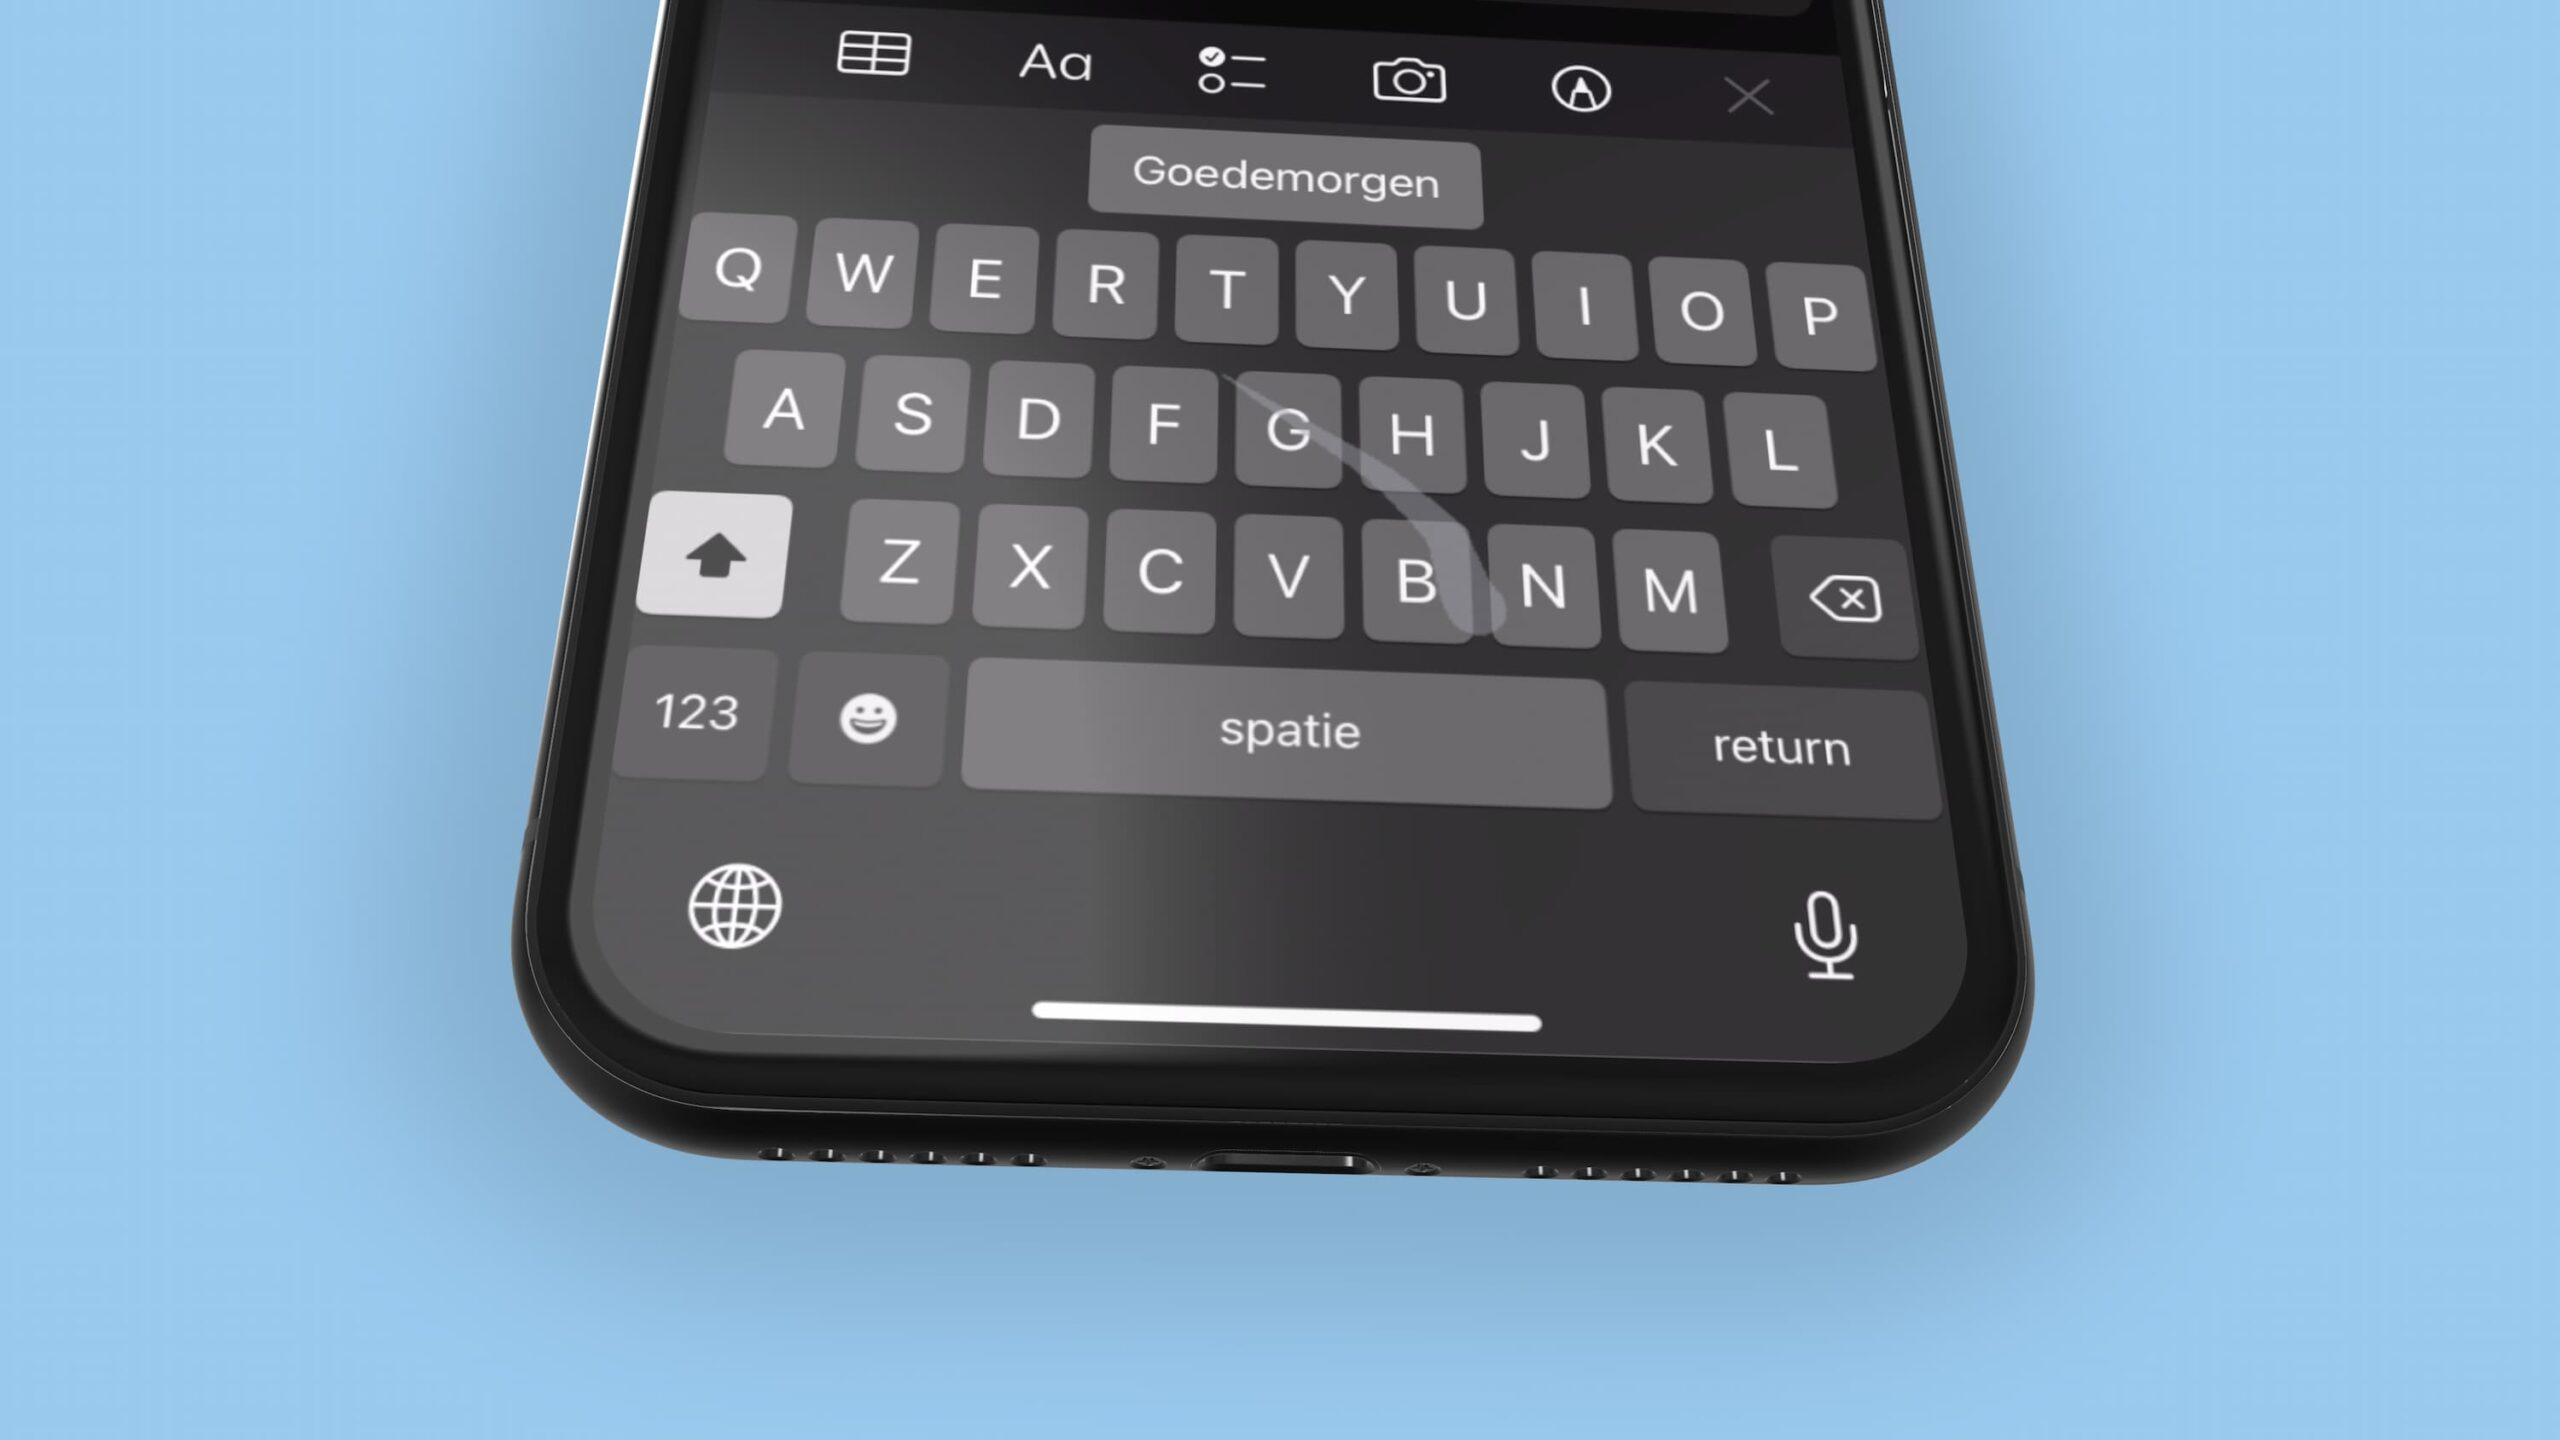 iPhone veegtoetnsebord Nederlands